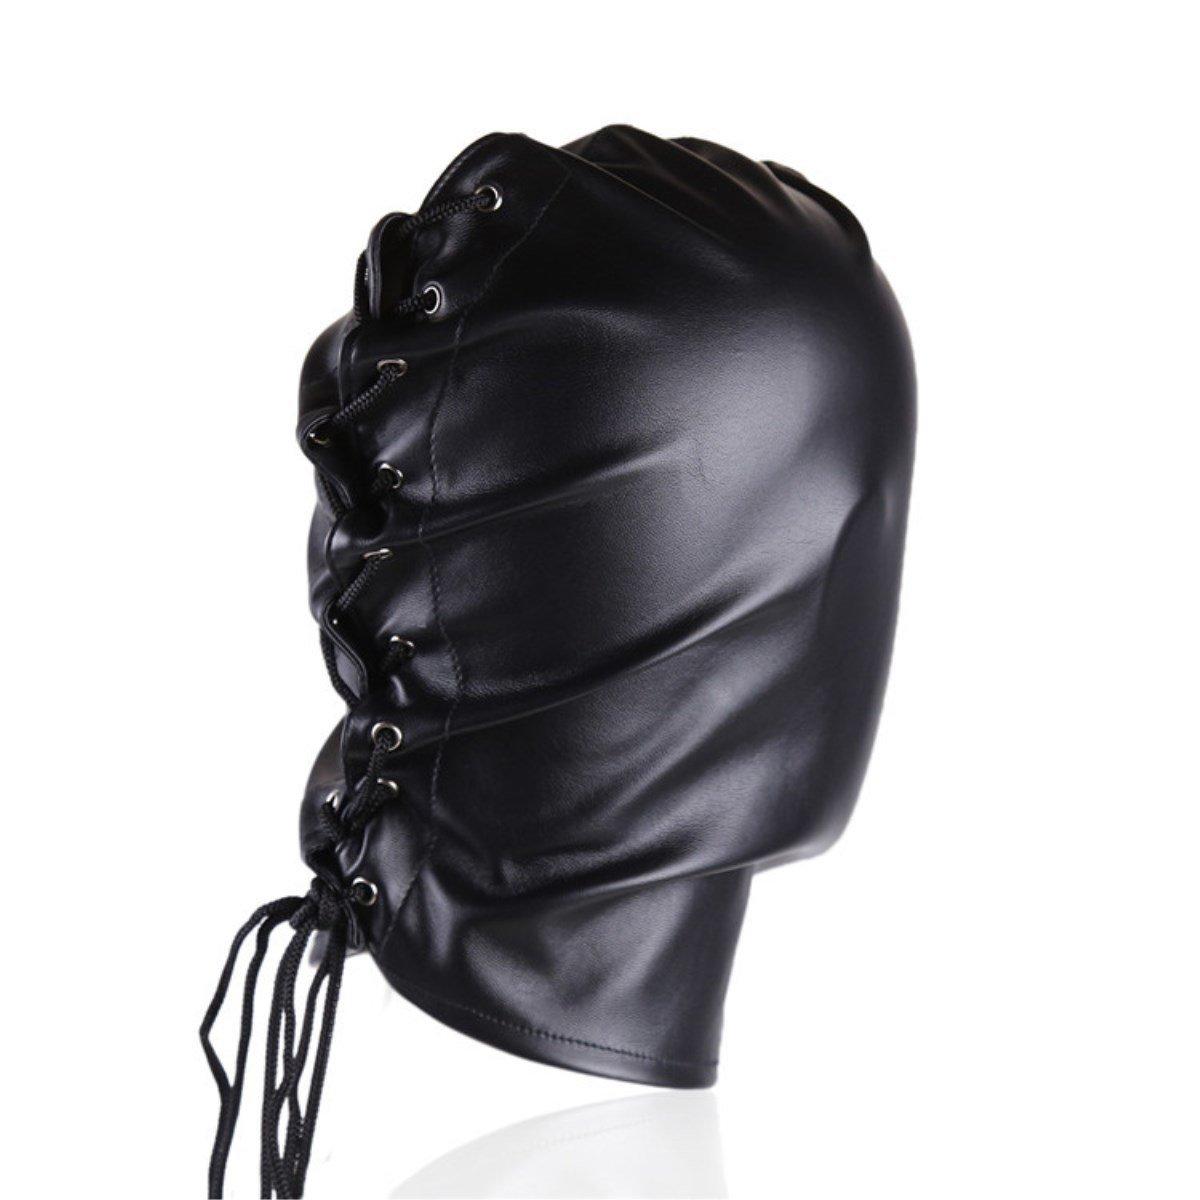 Máscara SM De Cuero Fetish SM Máscara Sex Game Black 528e1b